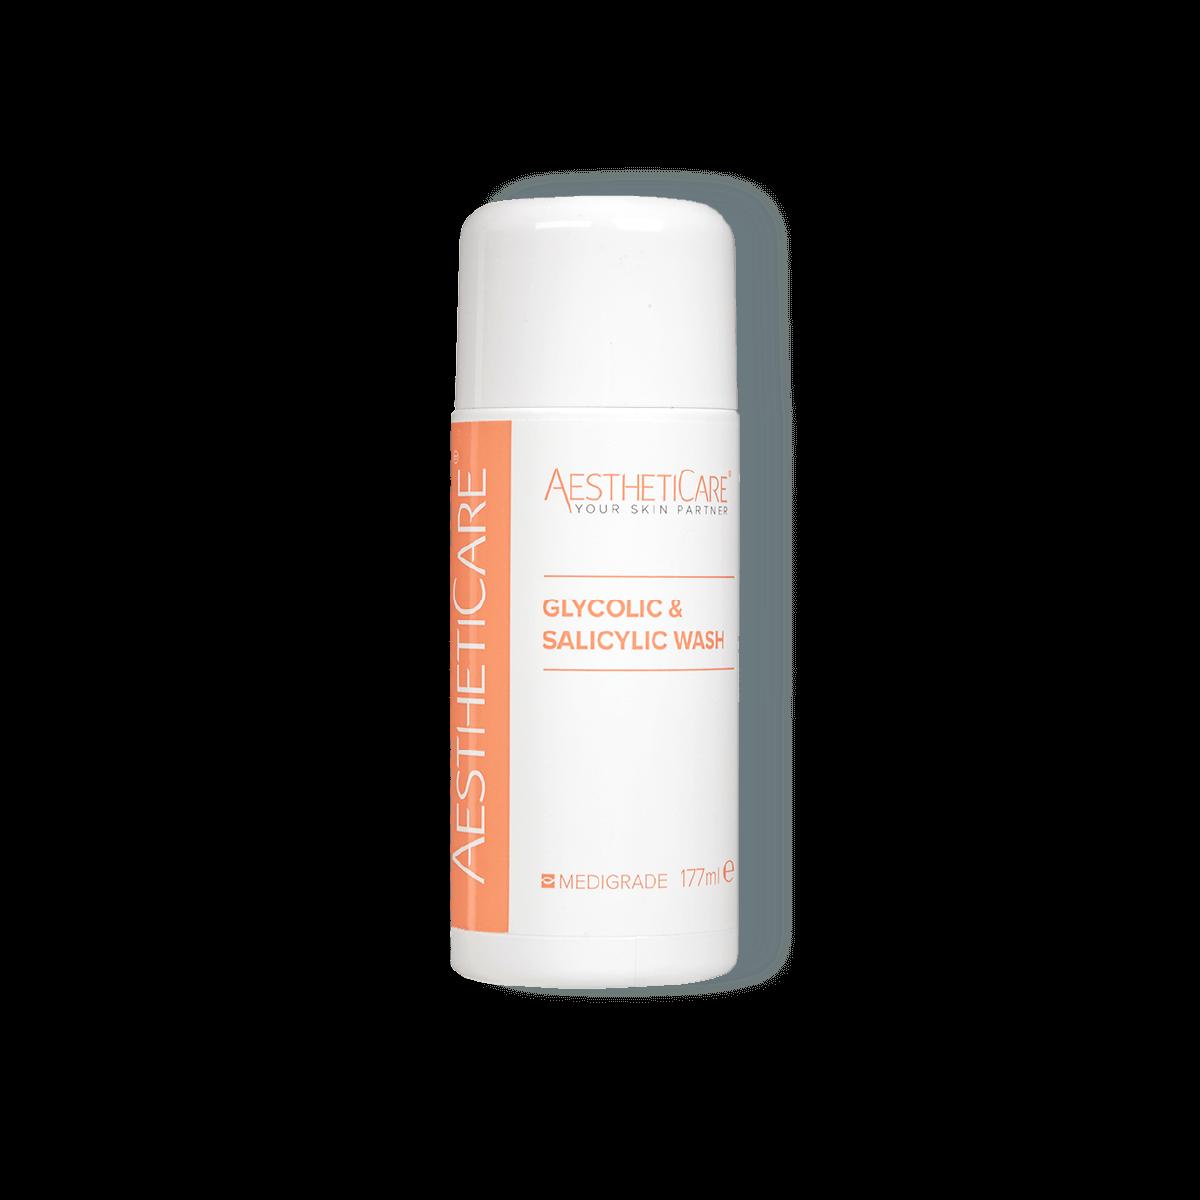 Aestheticare Glycolic and Salicylic Wash 177ml